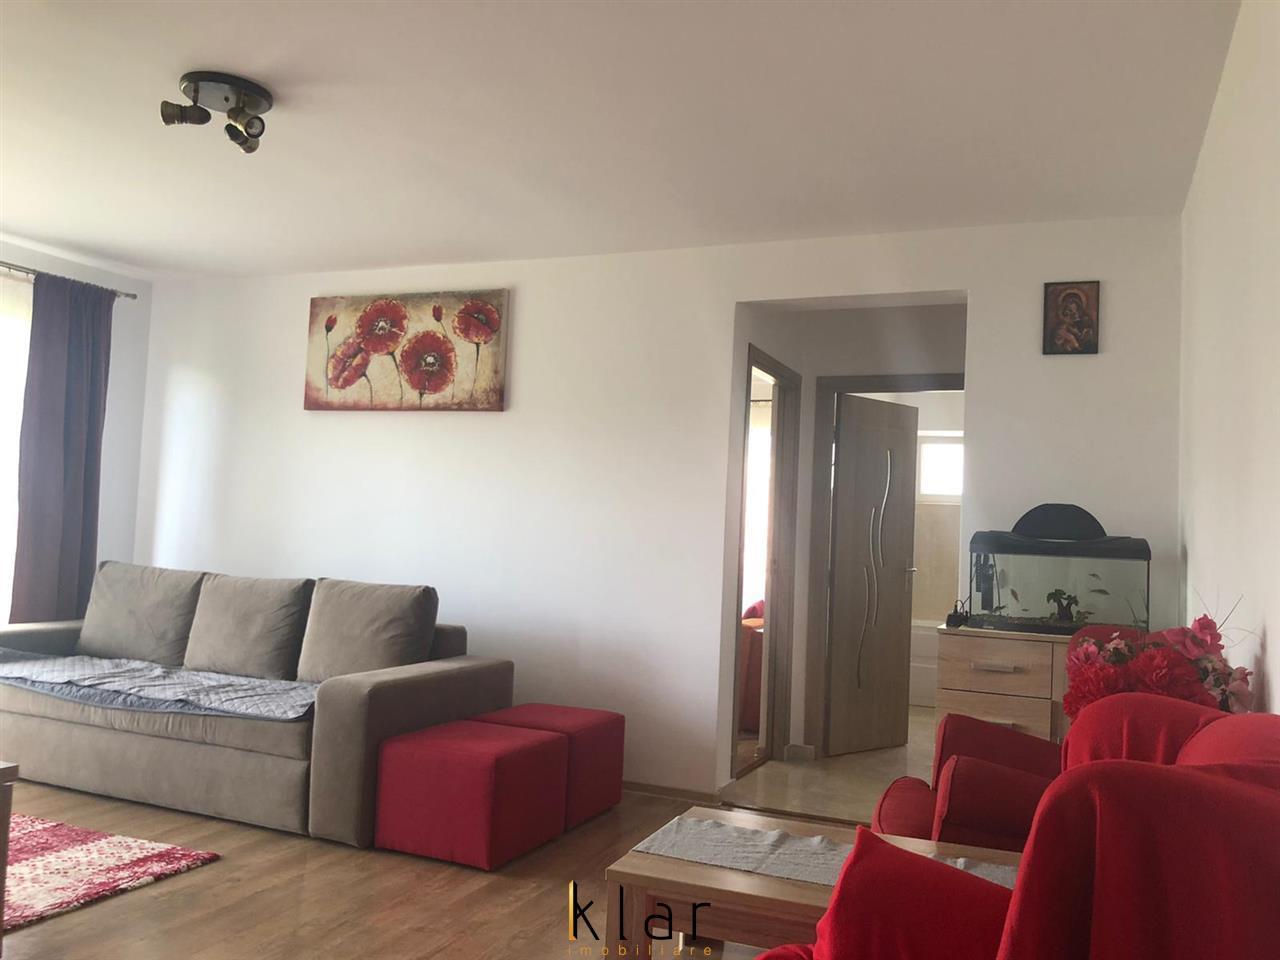 Apartament modern de vanzare, 2 camere, centru Floresti